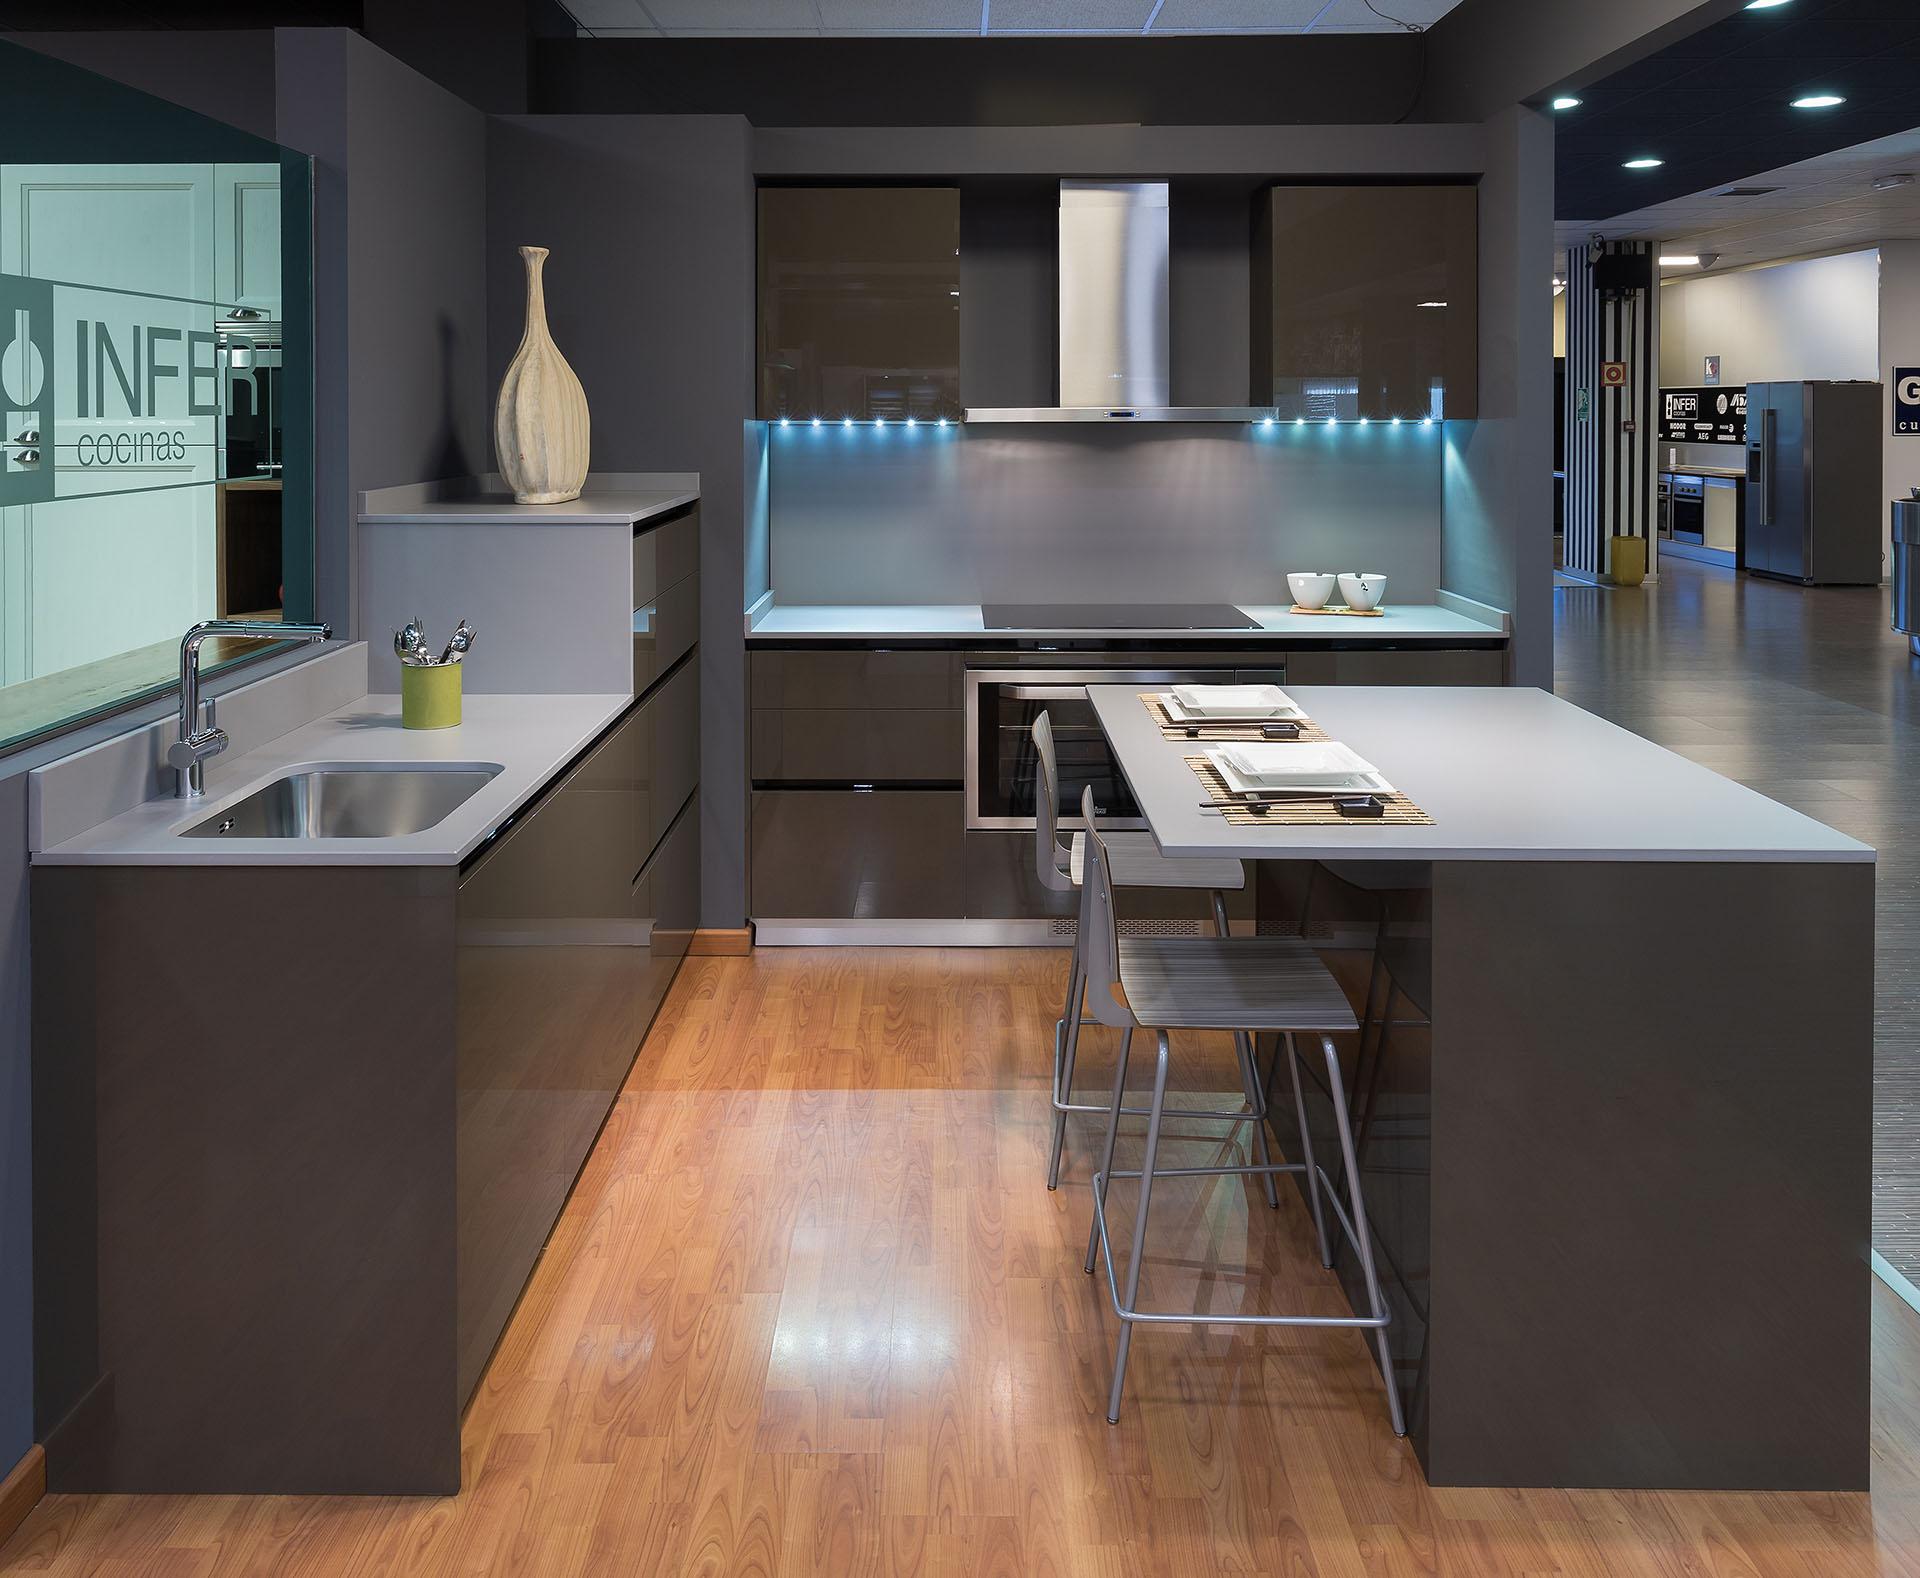 Las cocinas oscuras c mo hacerlas elegantes cocinas rio - Exposiciones de cocinas en madrid ...